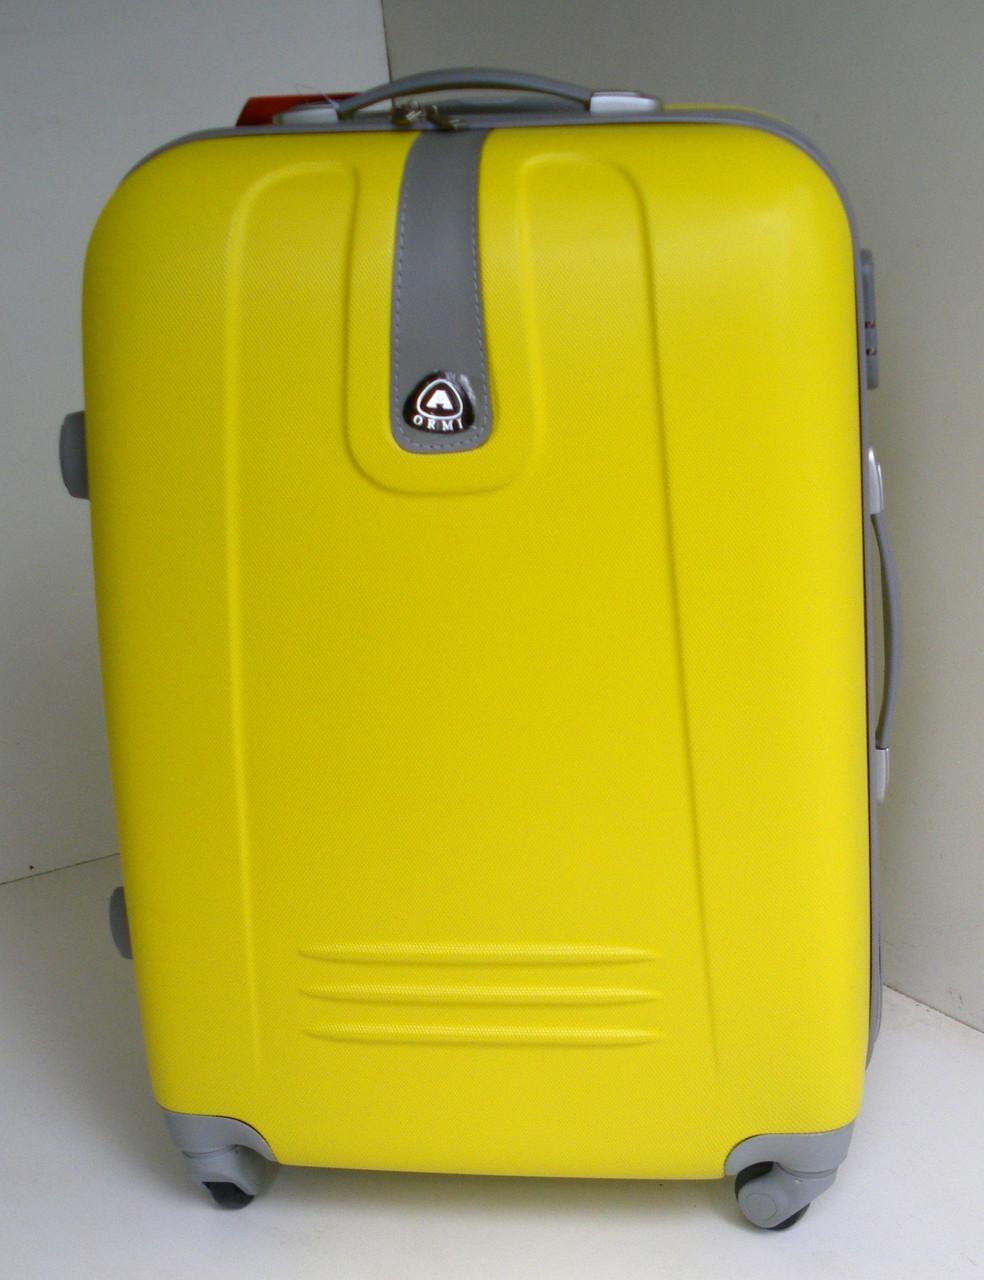 Чемодан дорожный на колесах пластиковый  большой - желтый  продажа ... 18eb0227187